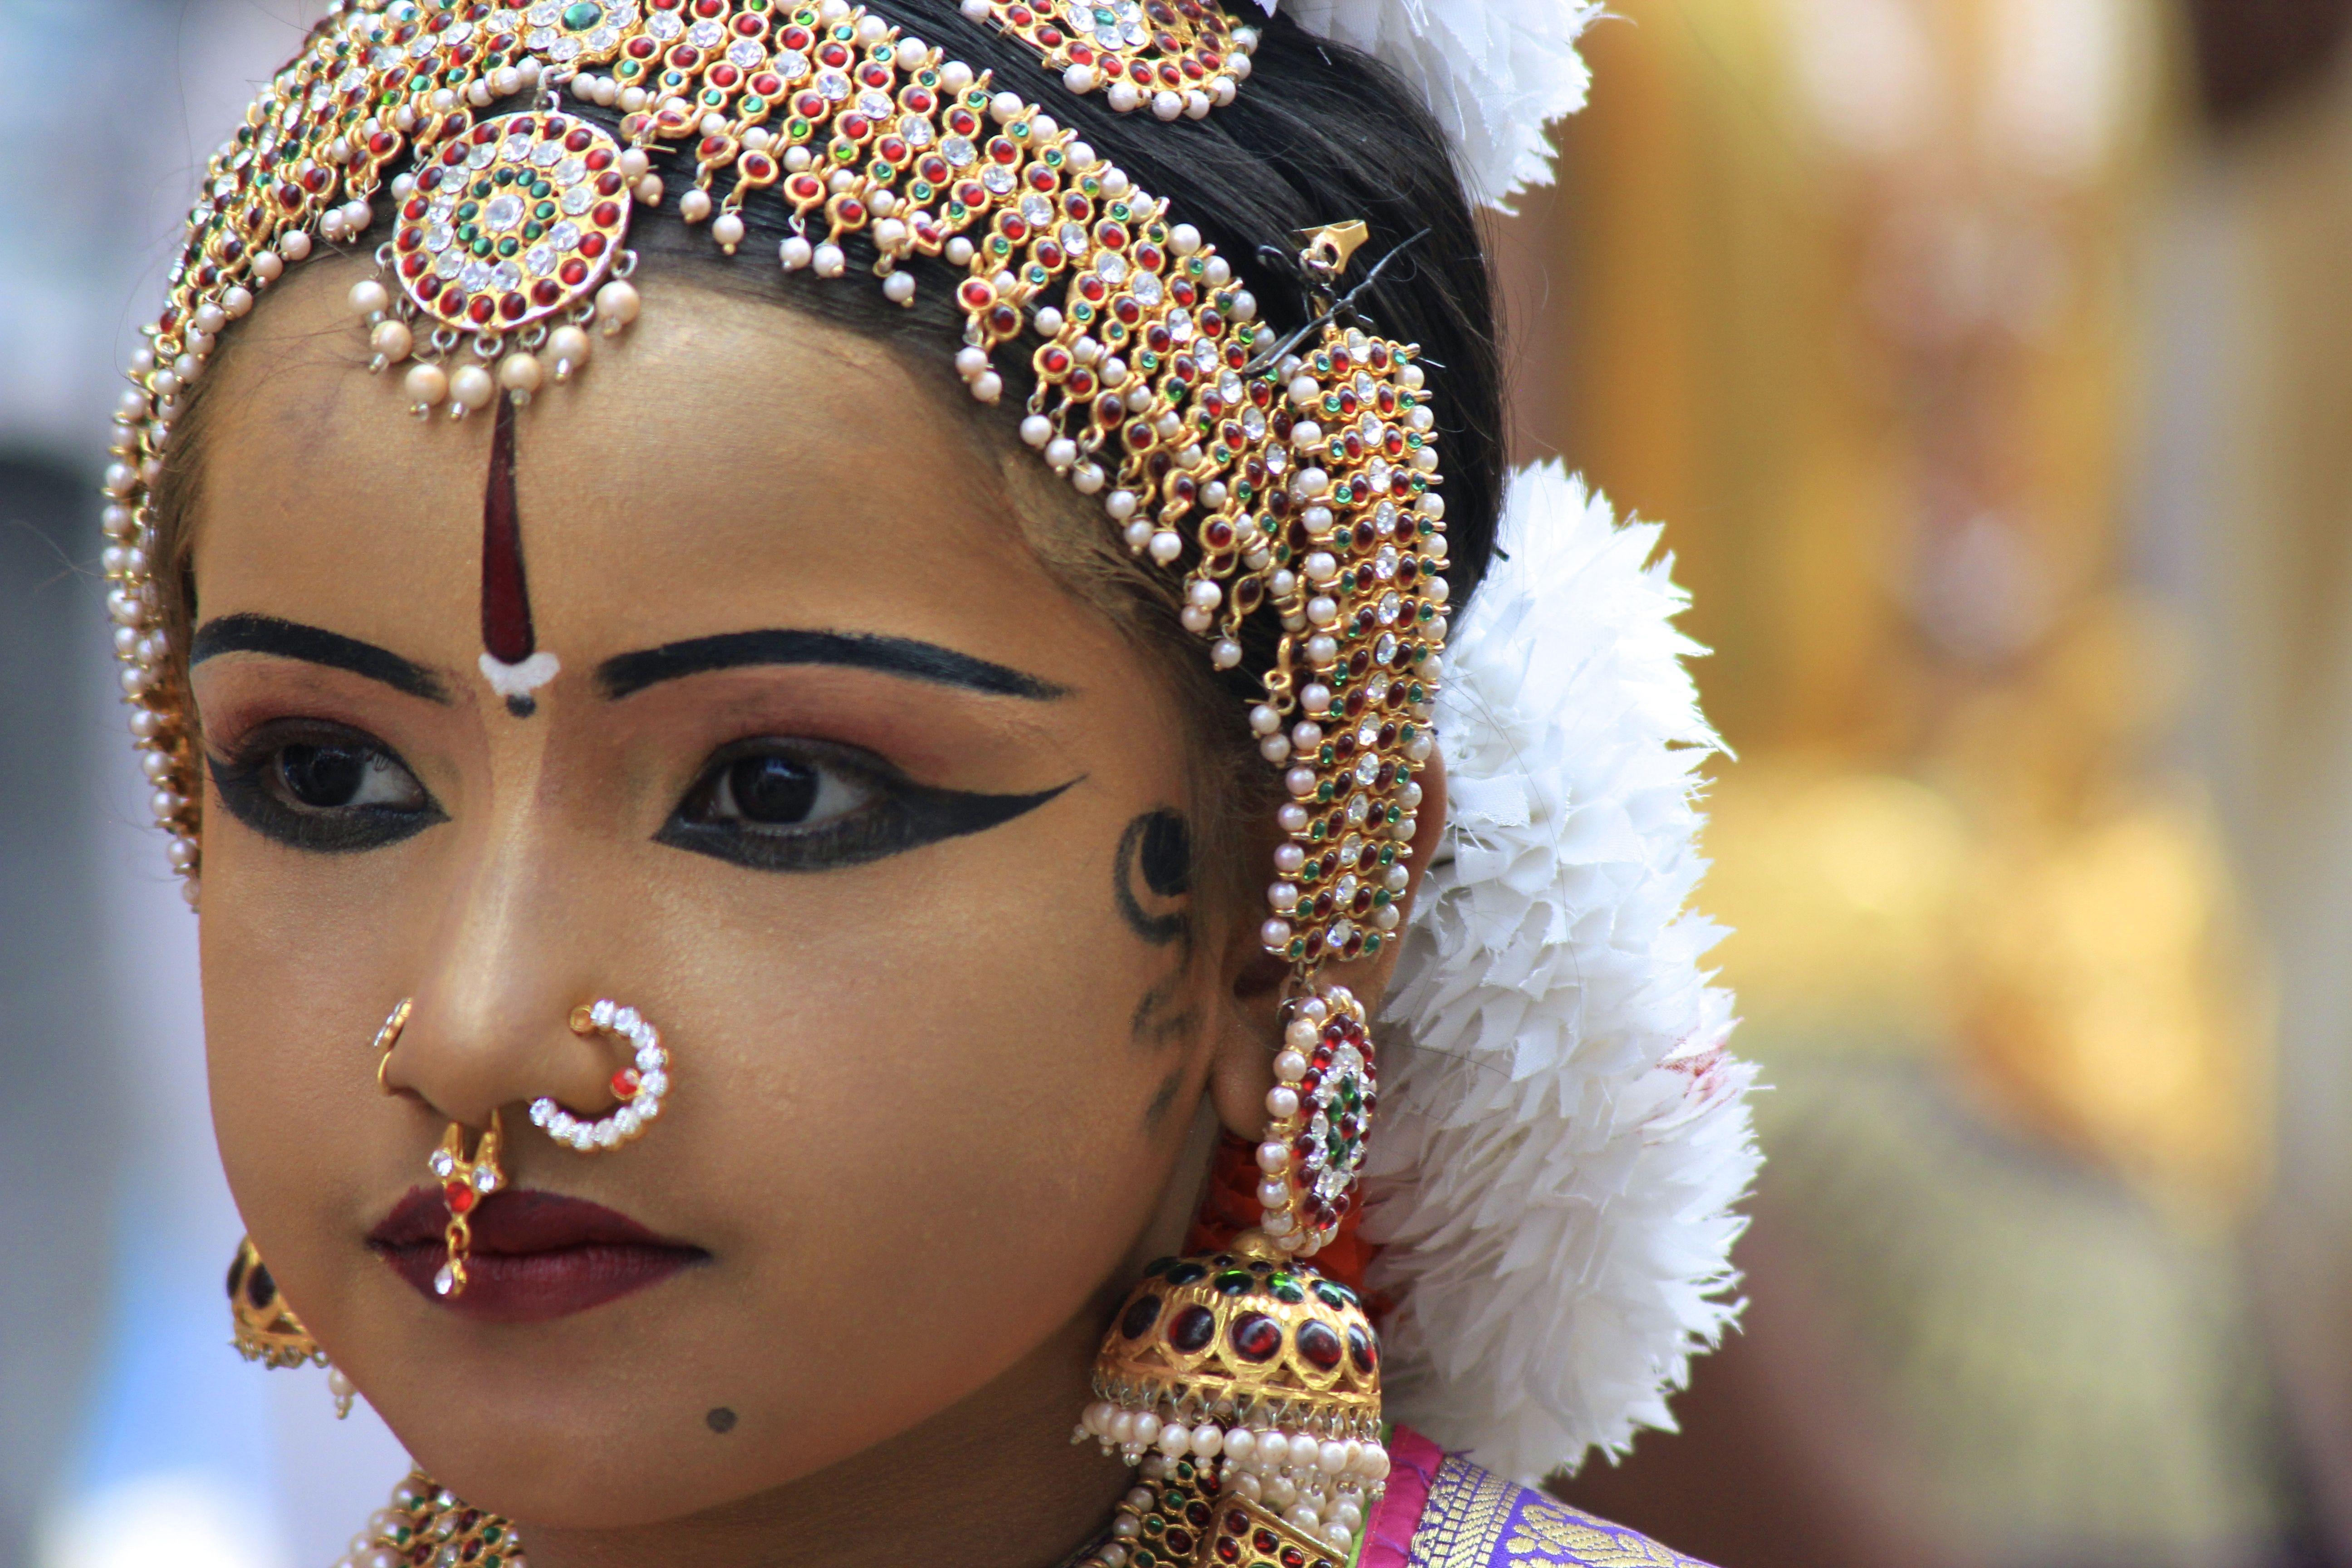 Картинка индийской женщины с красной точкой на лбу